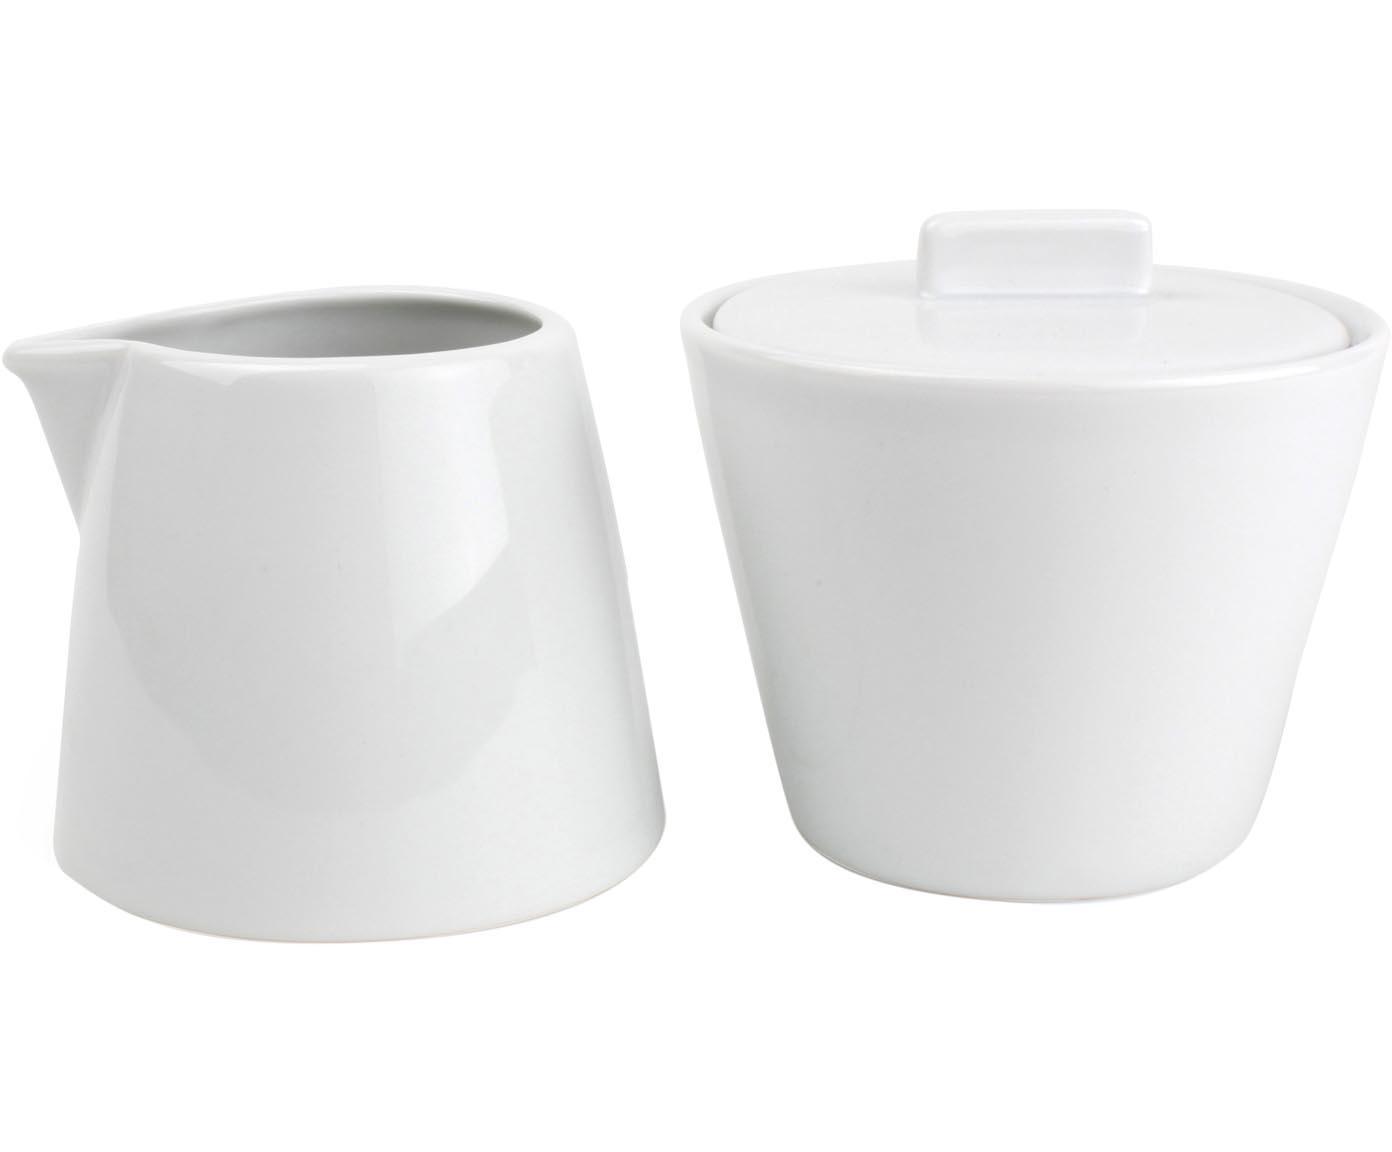 Komplet do mleka i cukru Stripeless, 2 elem., Porcelana, Biały, Różne rozmiary